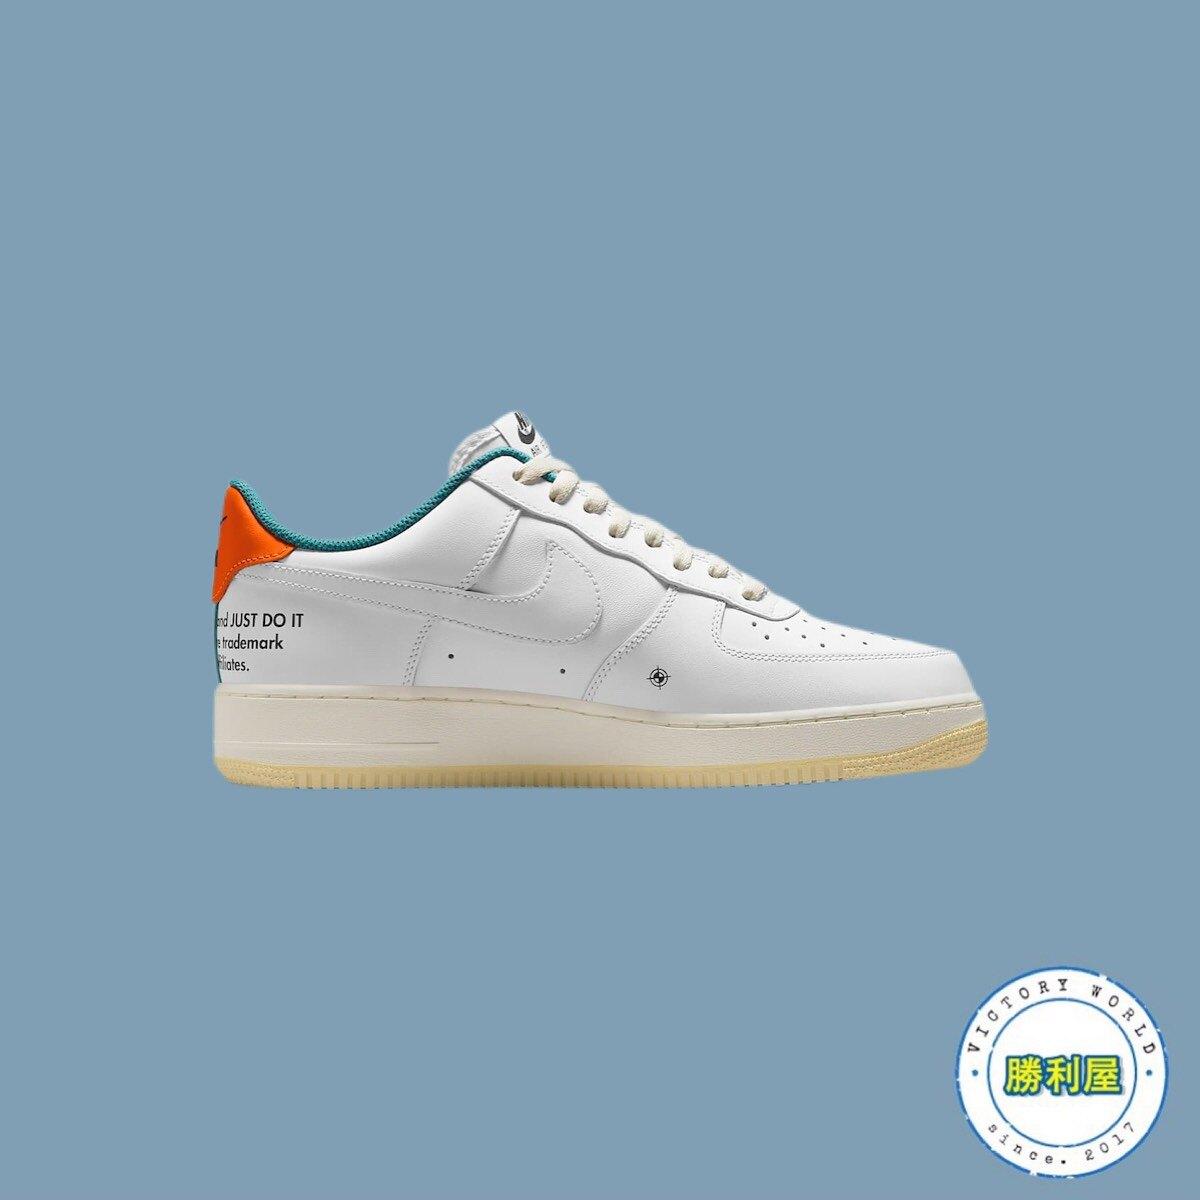 【滿2000現折200↘最高折$450】【NIKE】AIR FORCE 1 07 LE 男鞋 休閒鞋 白 綠橘 字體 標語 熱門款 DM0970-111【勝利屋】